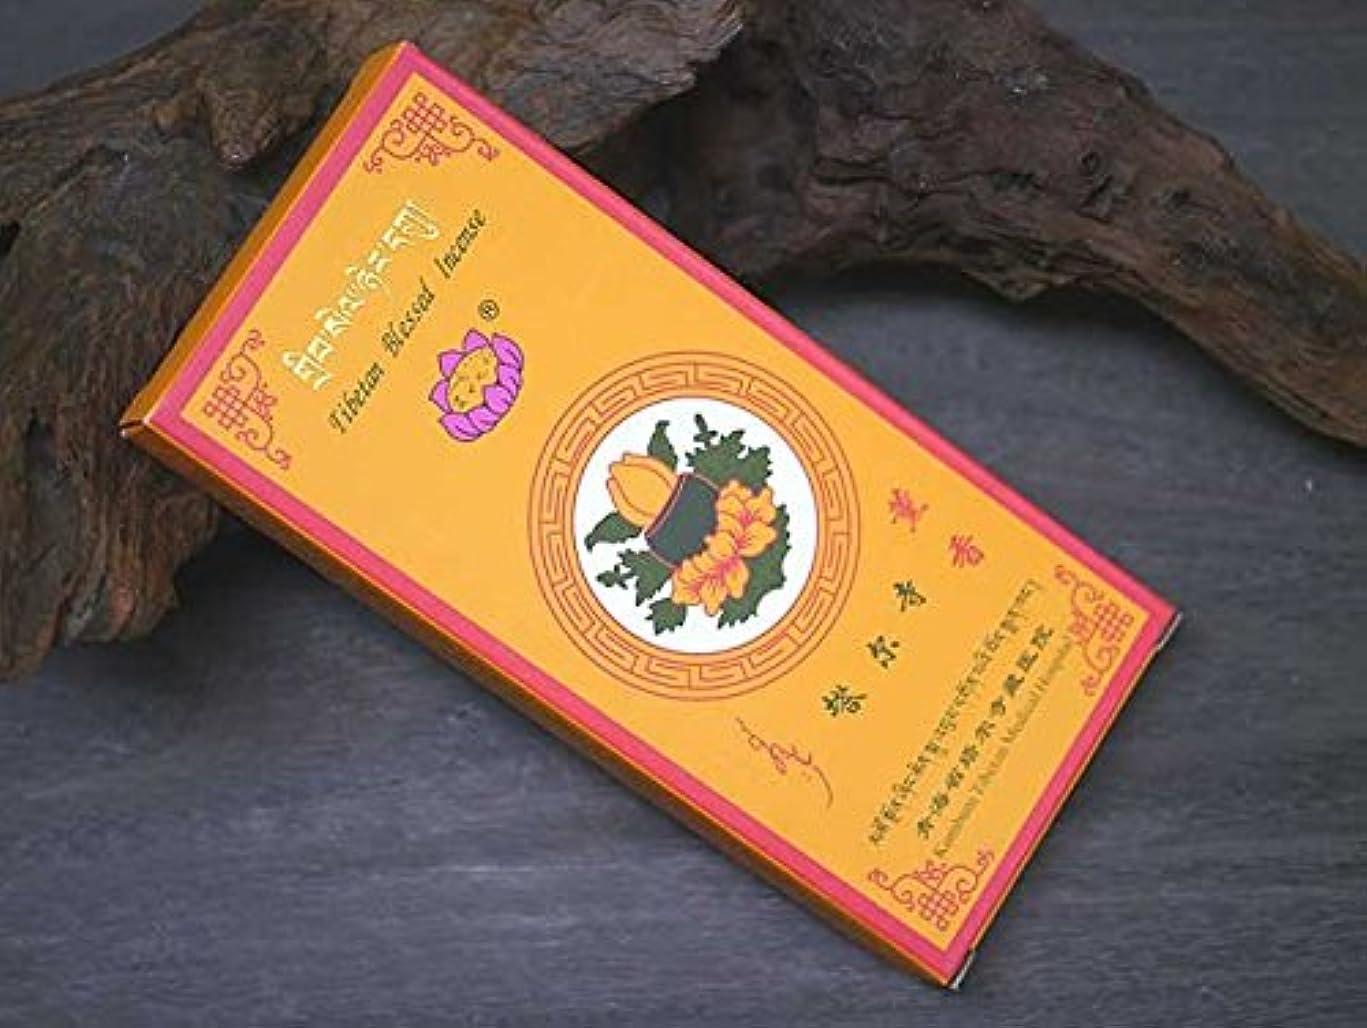 エッセンス最初残基タールゴンパ チベット仏教塔 寺(タールゴンパ)【密宗清除 薫香おタイプ】